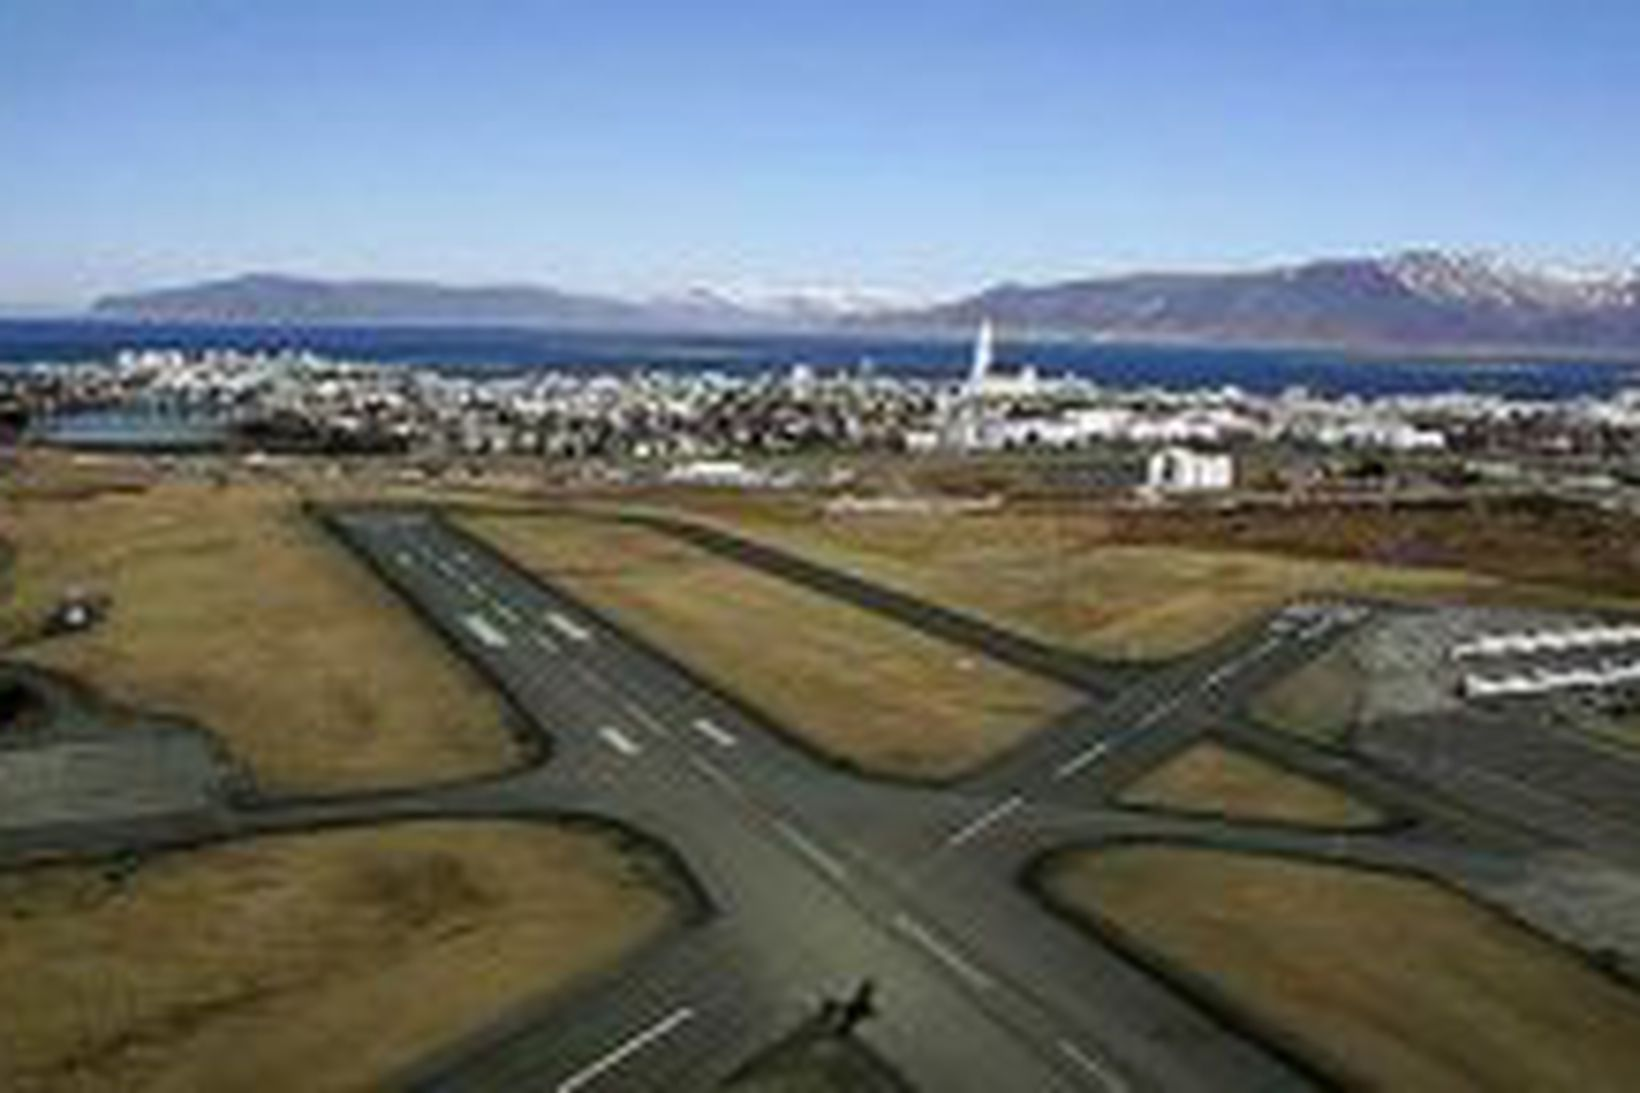 Reykjavíkurflugvöllur